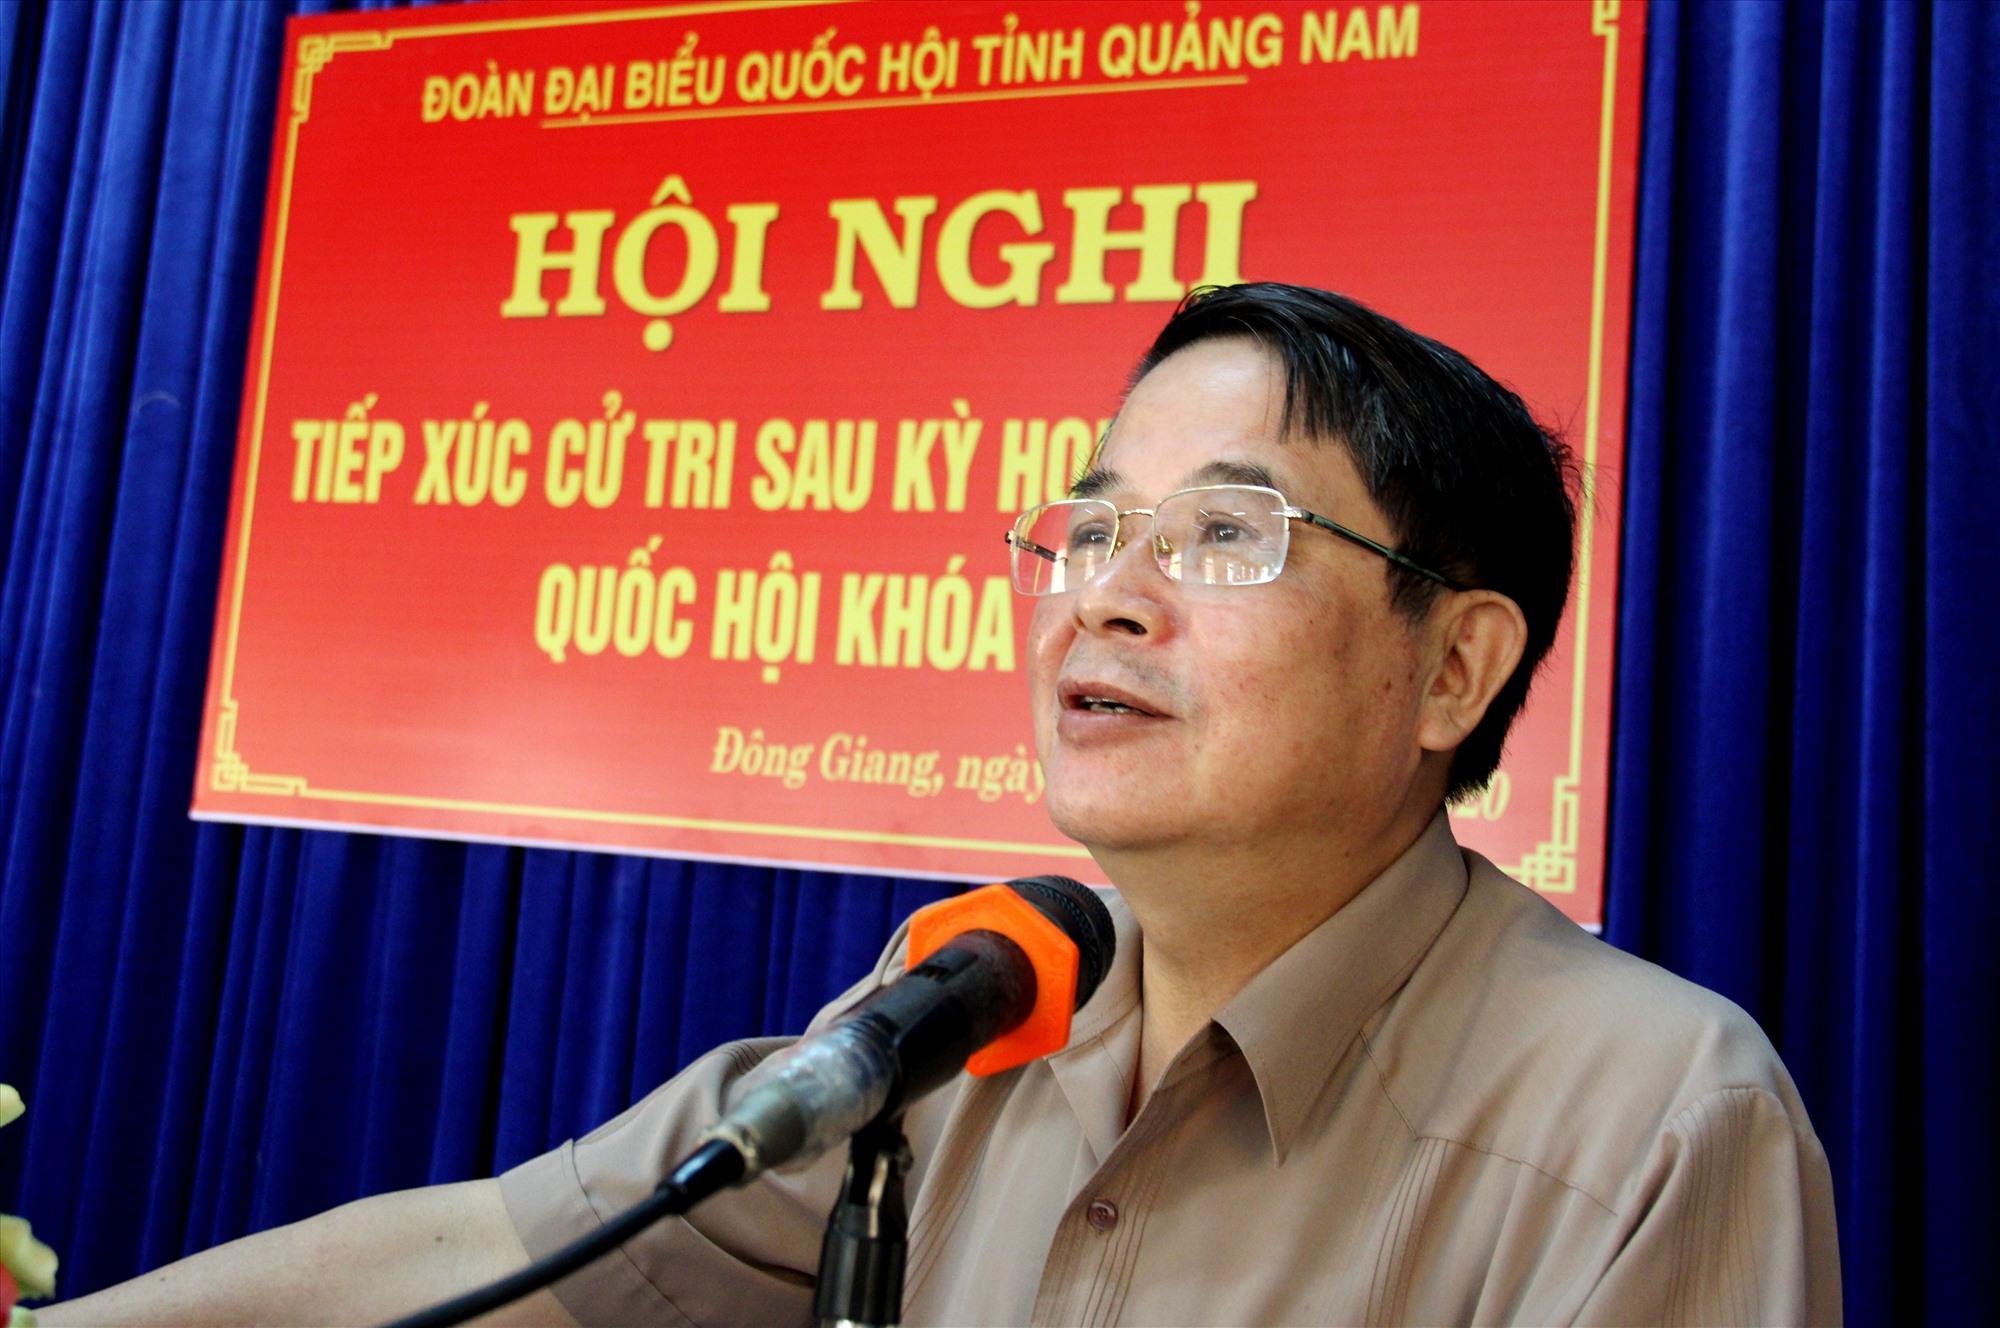 Đại biểu Nguyễn Đức Hải thông tin với cử tri nhiều nội dung sau kỳ họp thứ 9 (khóa XIV) của Quốc hội. Ảnh: A.N